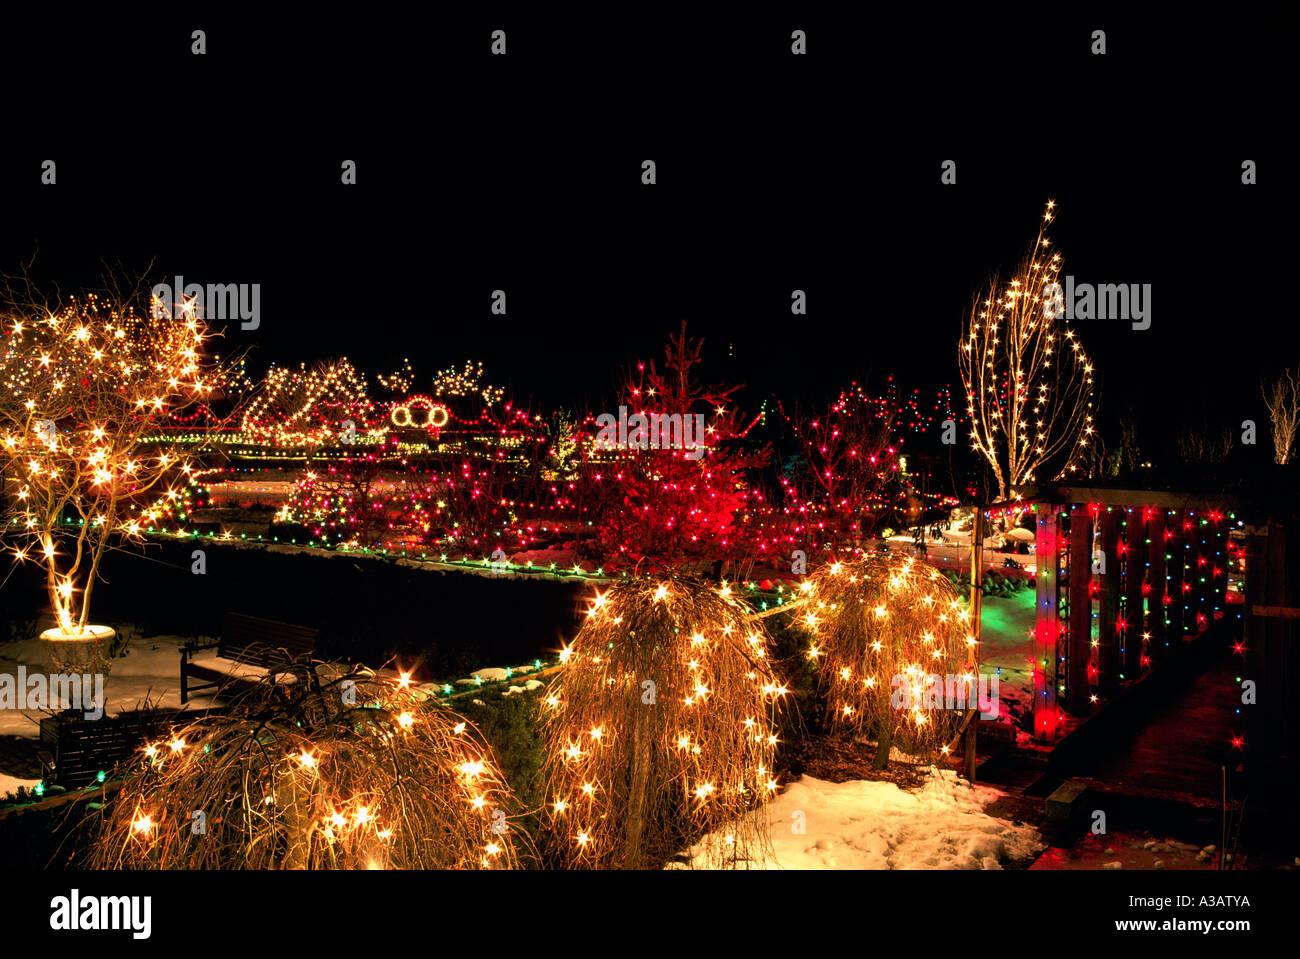 traditional christmas lights on trees vandusen botanical garden vancouver A3ATYA - Van Dusen Gardens Christmas Lights 2019